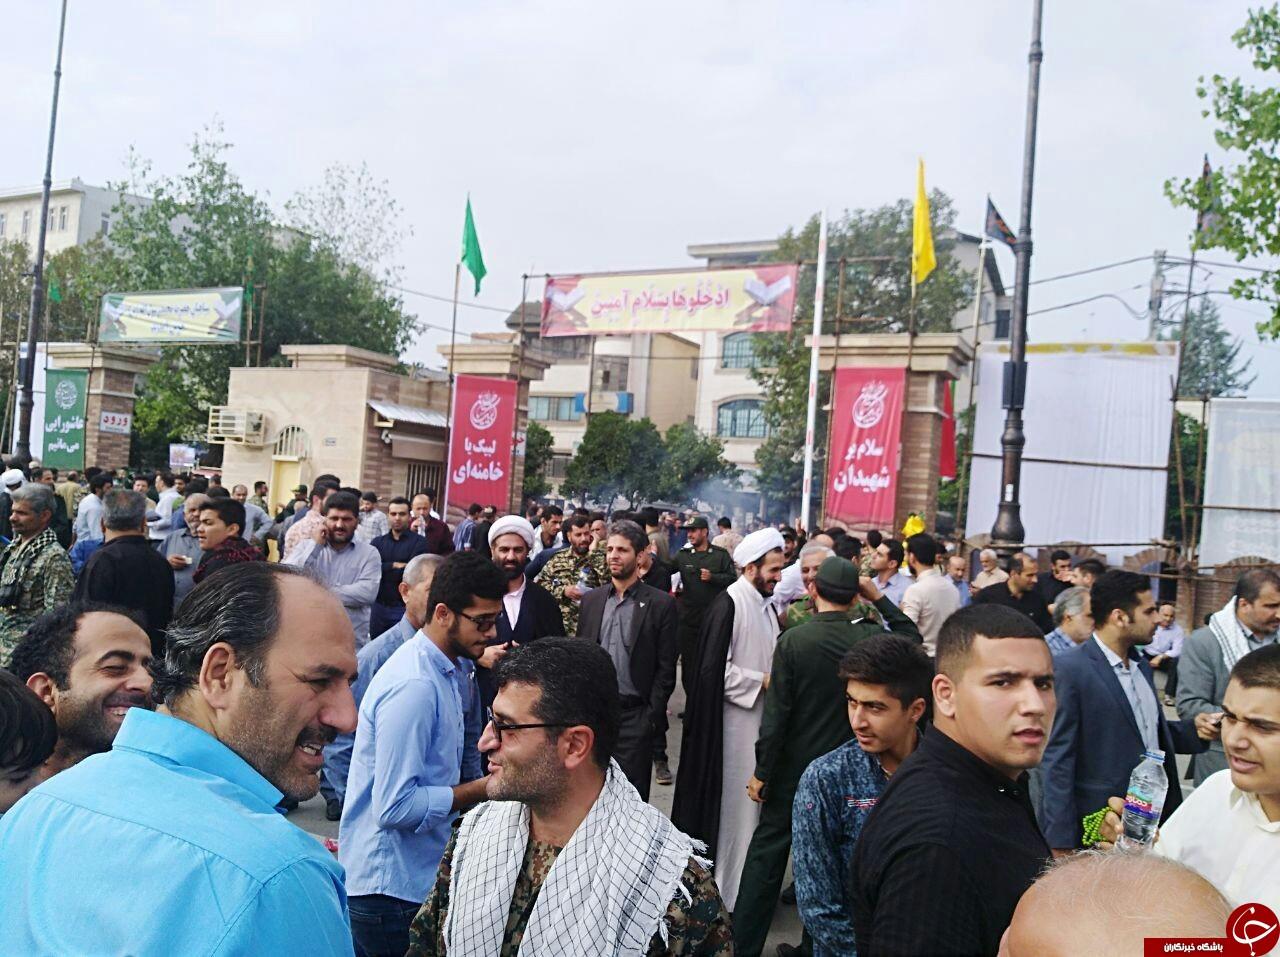 اجتماع با شکوه ۳۰ هزار نفری بسیجیان در مازندران +تصاویر